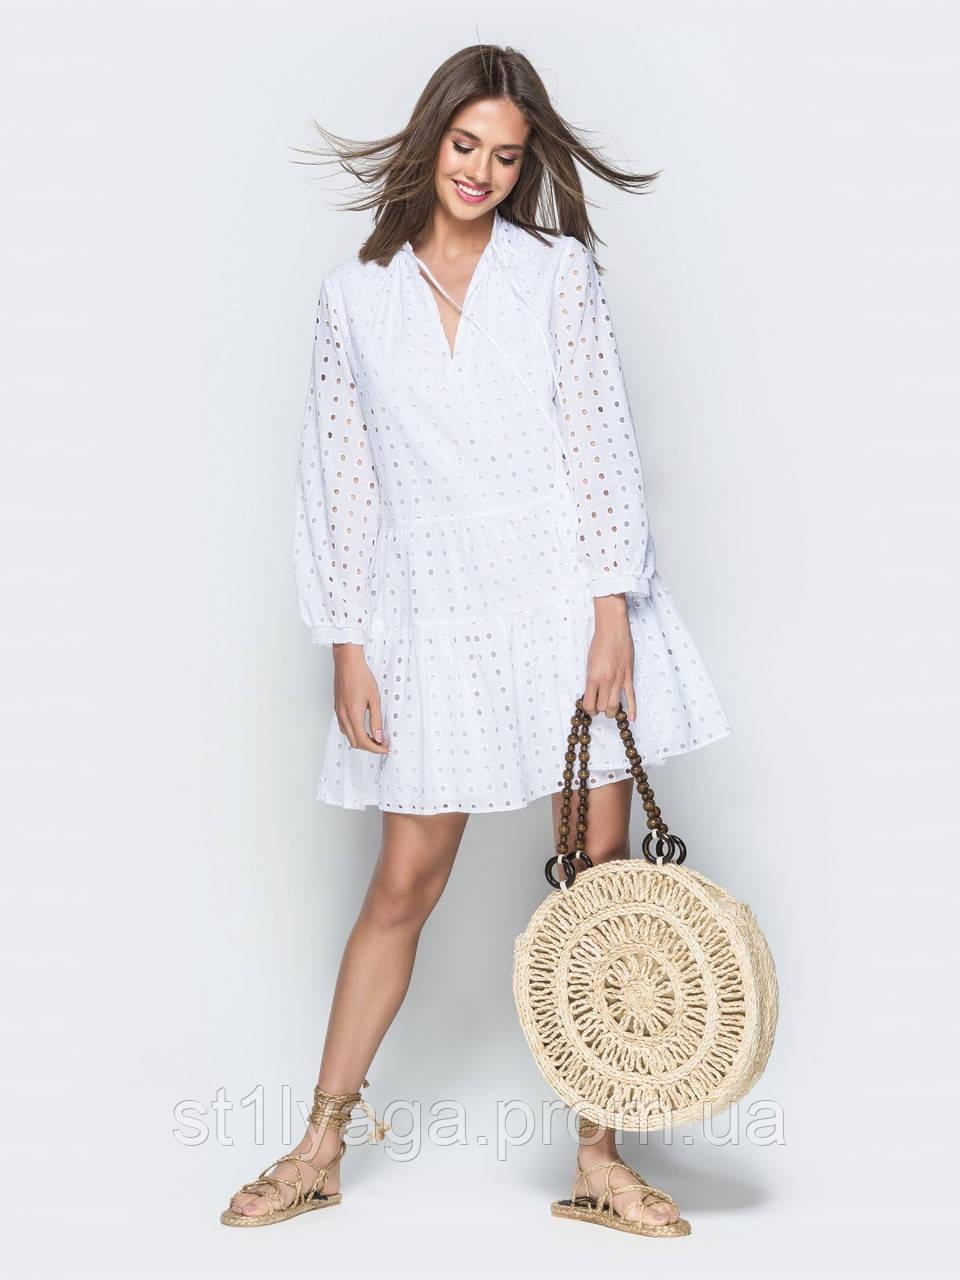 Сукня-трапеція з прошвы з мереживною вишивкою ЛІТО